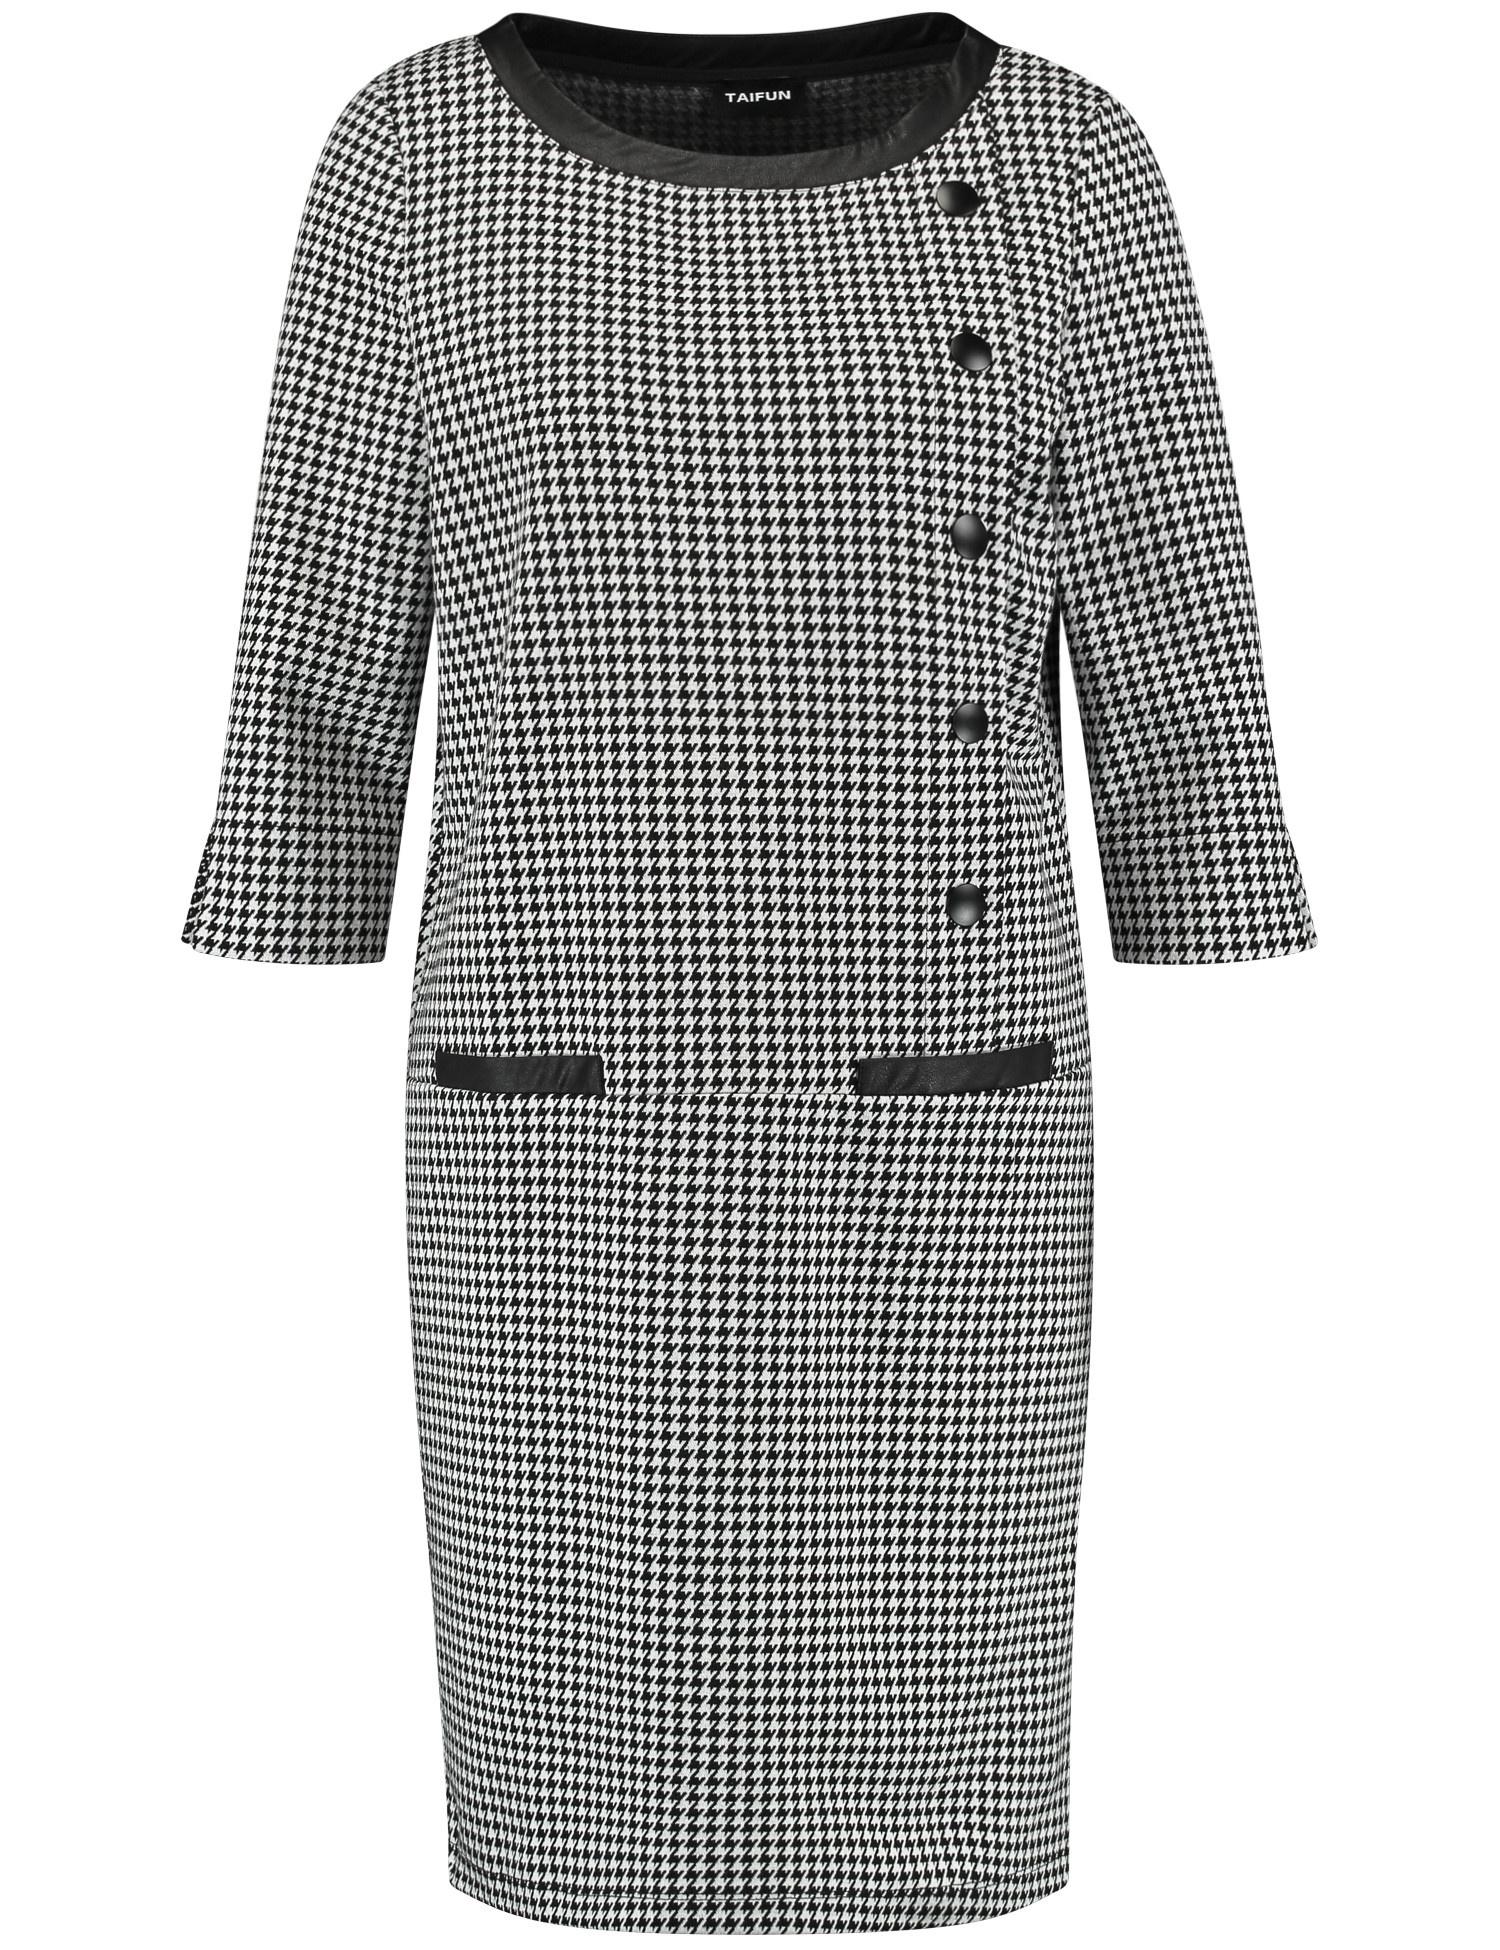 TAIFUN robe à carreaux-1